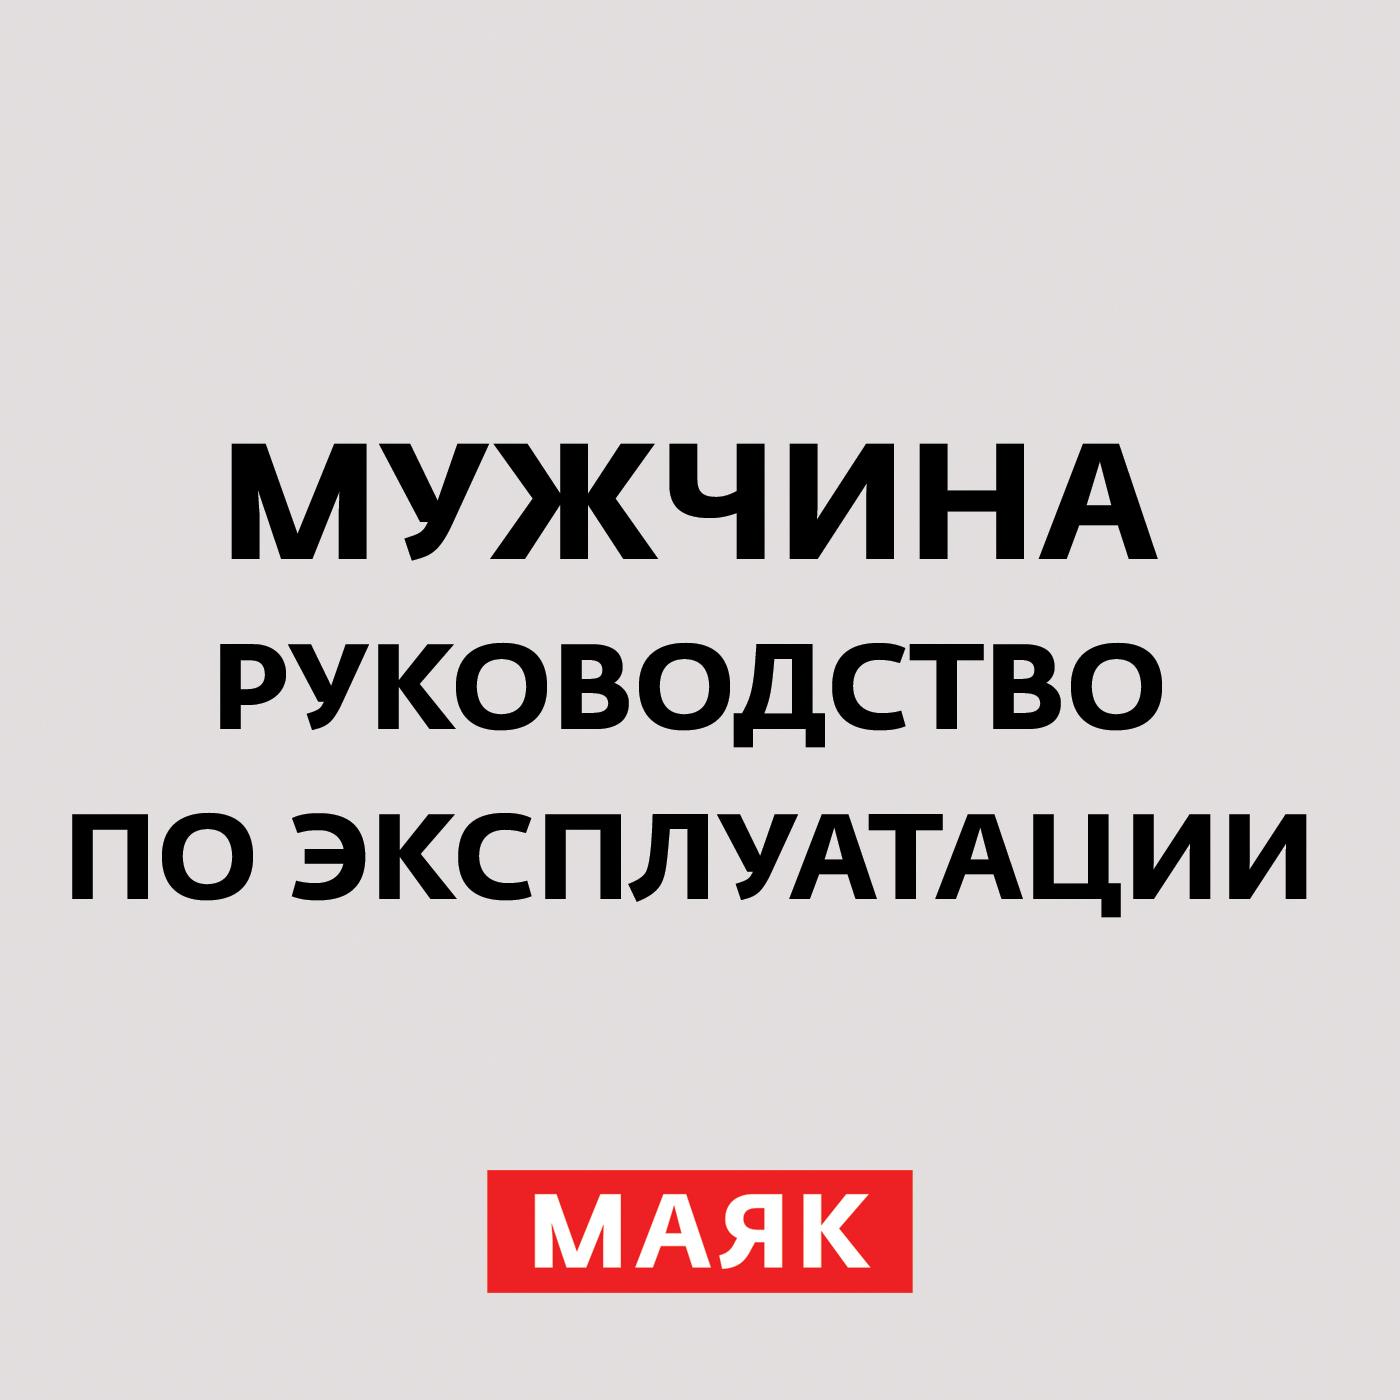 цена на Творческий коллектив шоу «Сергей Стиллавин и его друзья» Как правильно просить прощения и прощать?